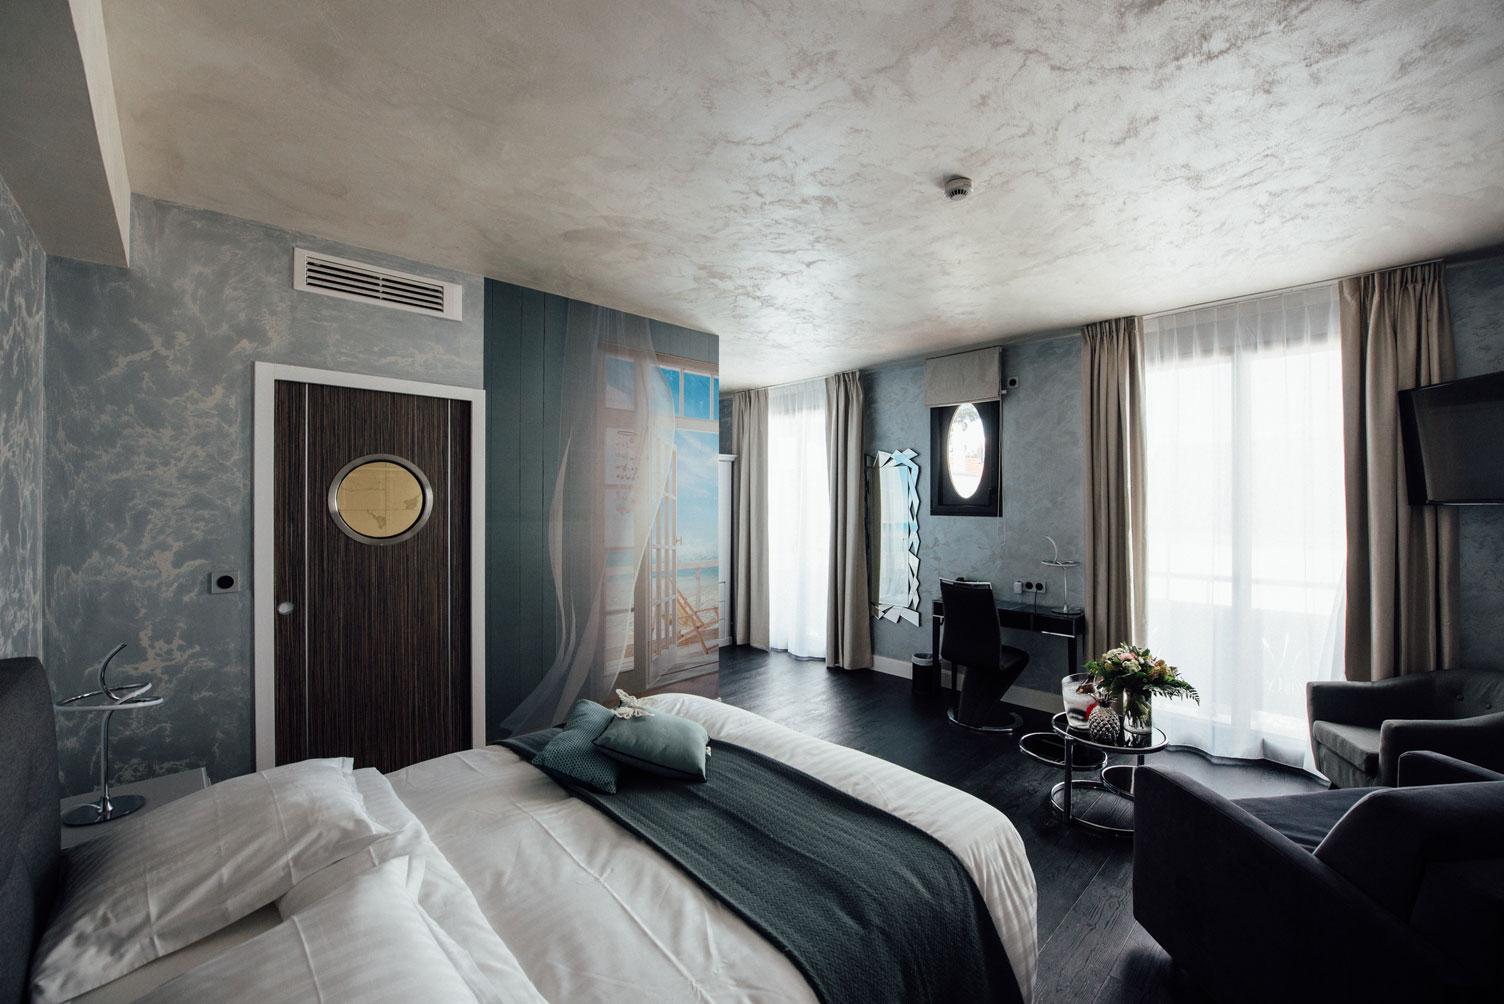 Suite Balnéo vue d'ensemble | Amirauté Hôtel La Baule